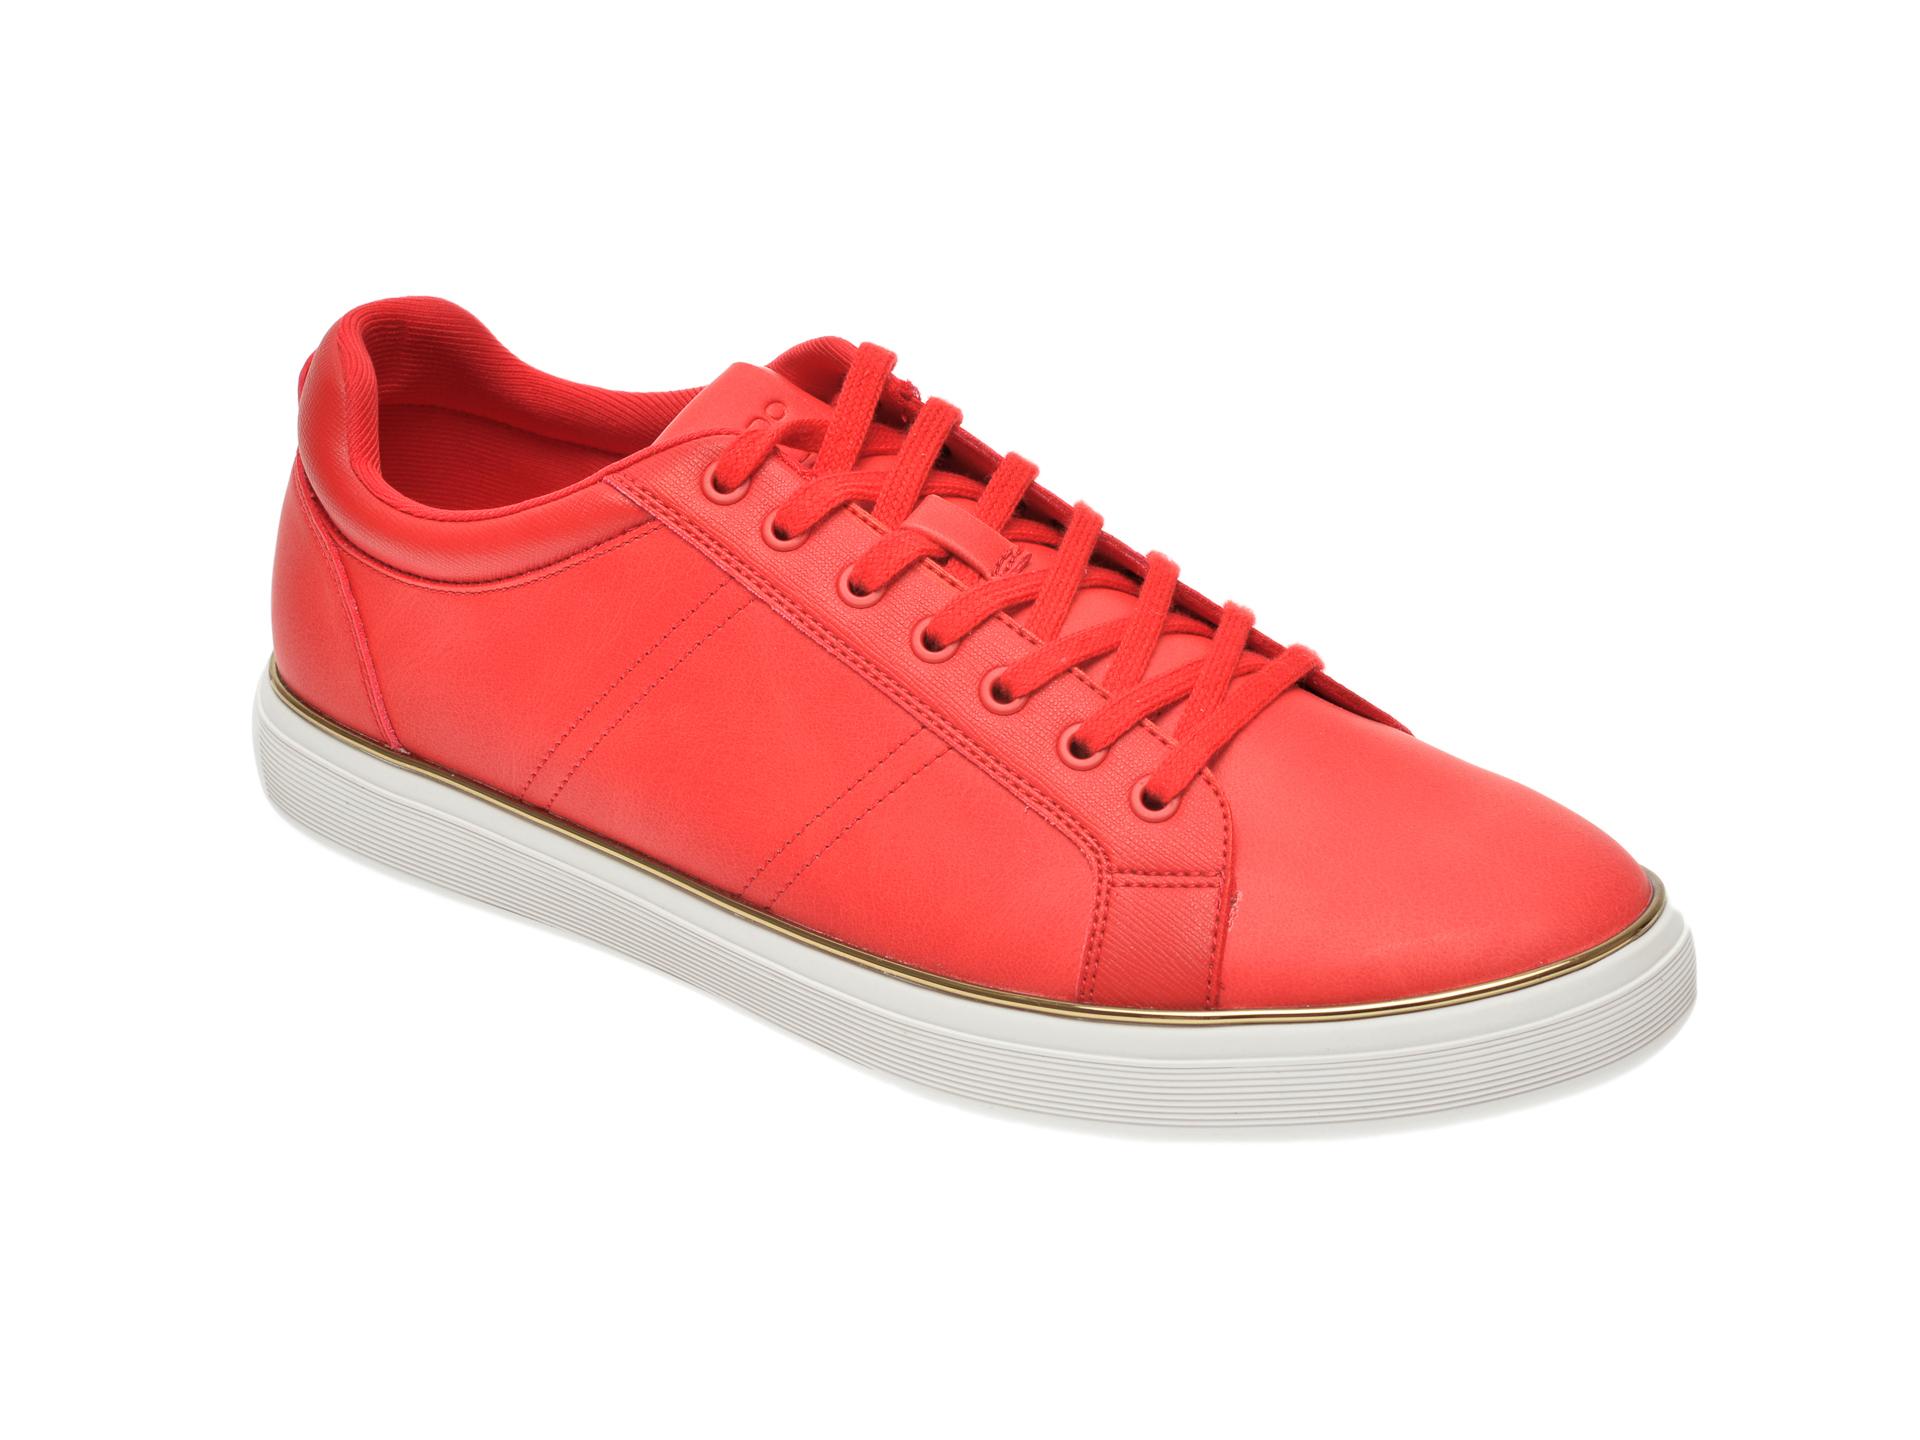 Pantofi sport ALDO rosii, Braunton600, din piele ecologica